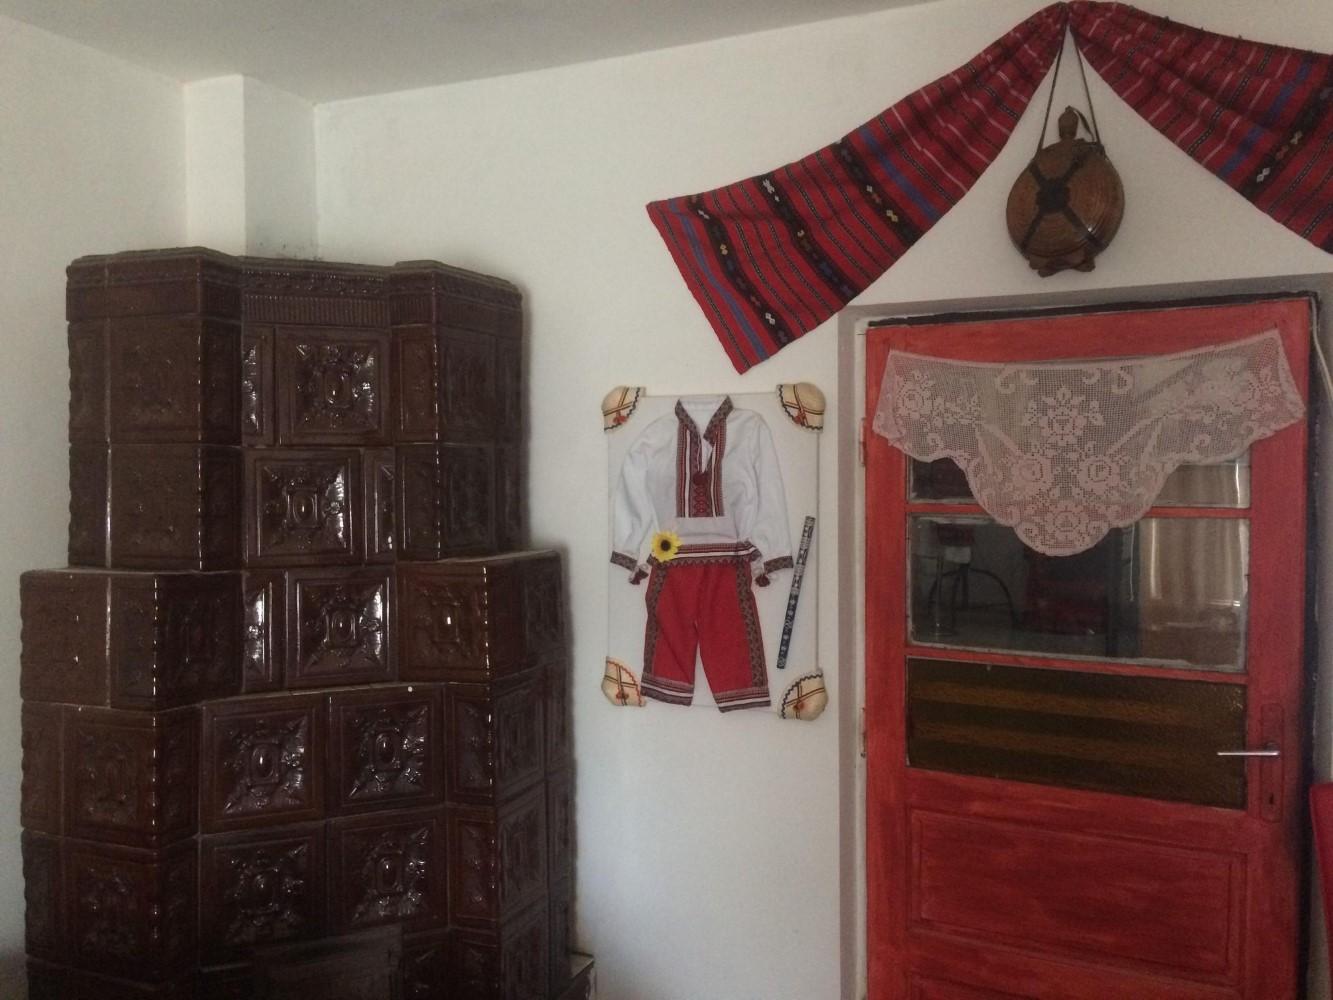 Alex și Mirela și-au dorit un trai autentic, tradițional, în propria casă